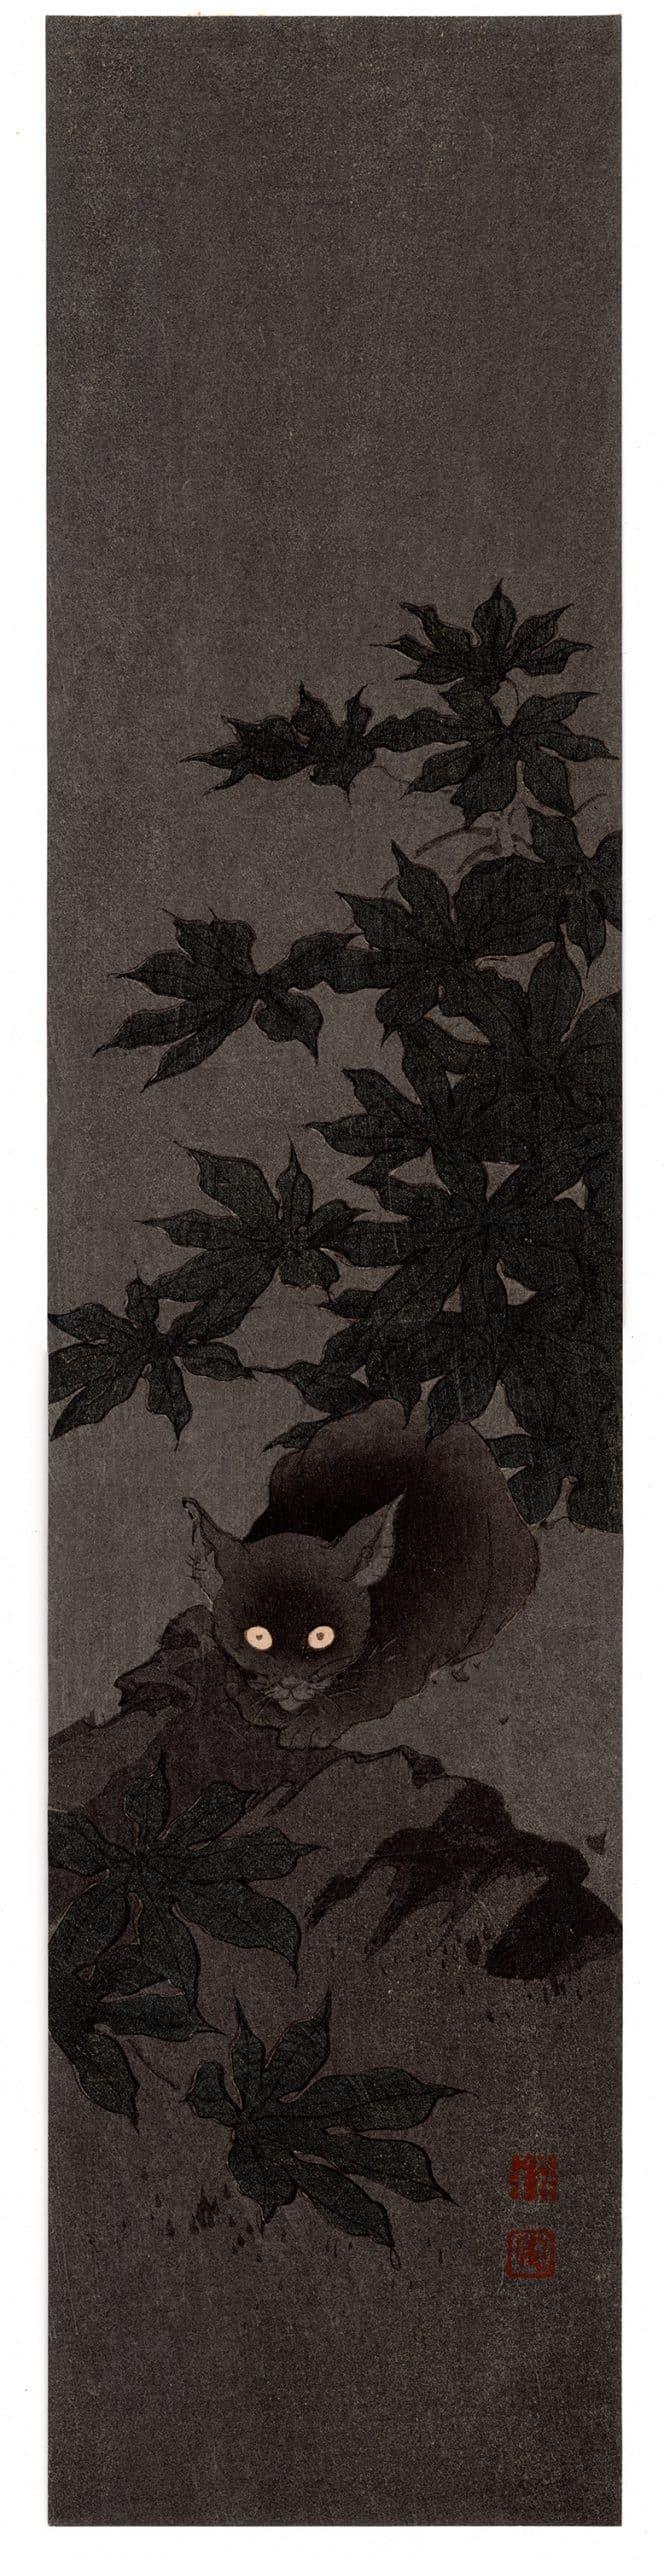 Shoda Koho - Black Cat at Night